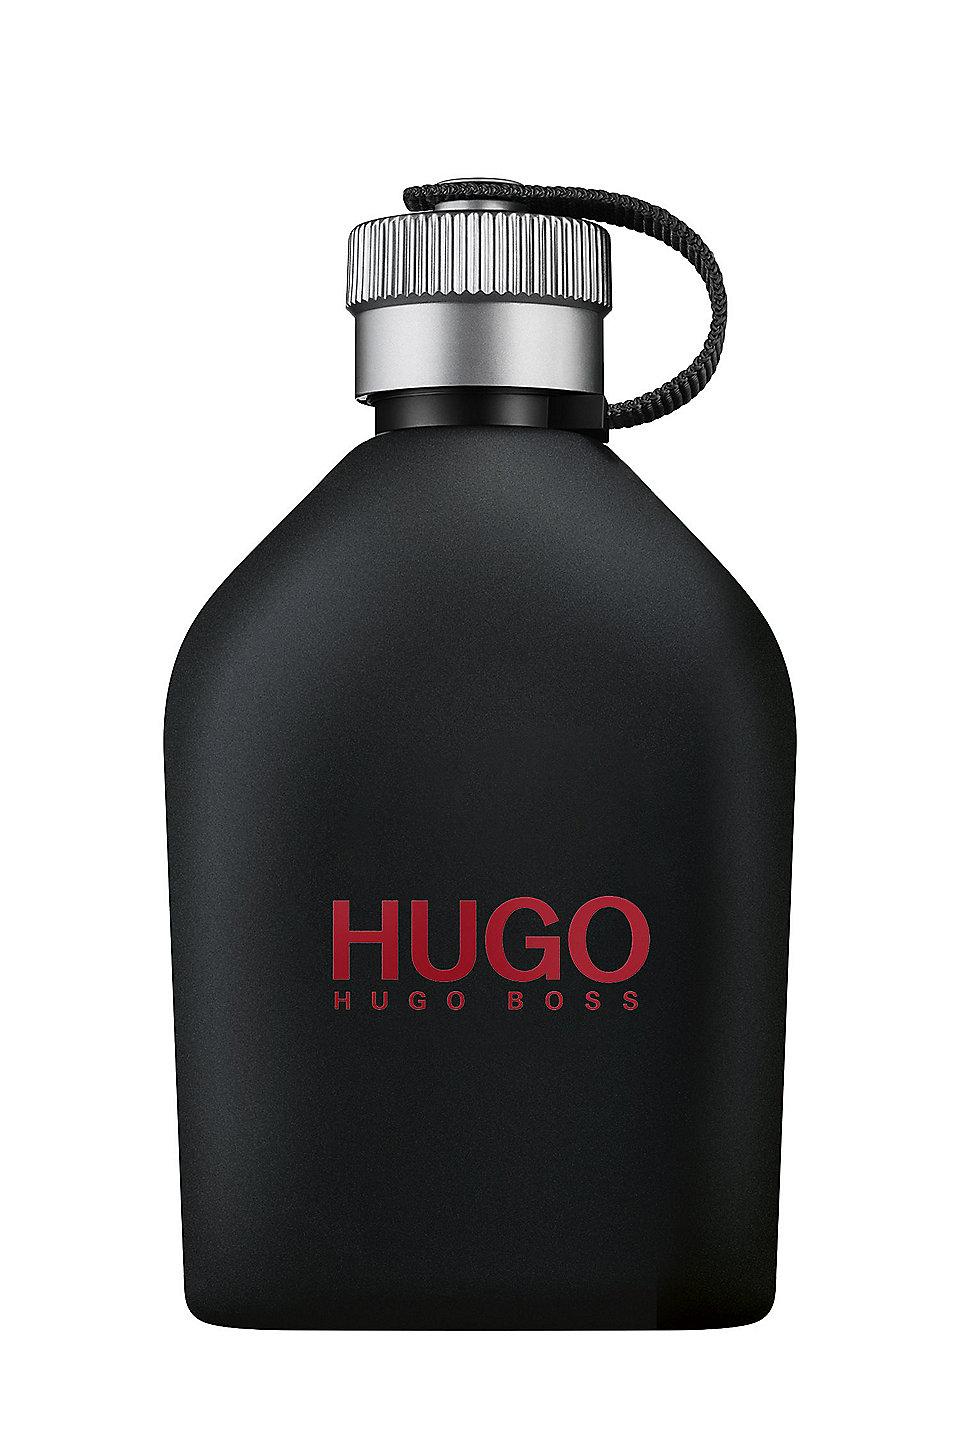 HUGO - HUGO Just Different eau de toilette 200ml 33c4b200793